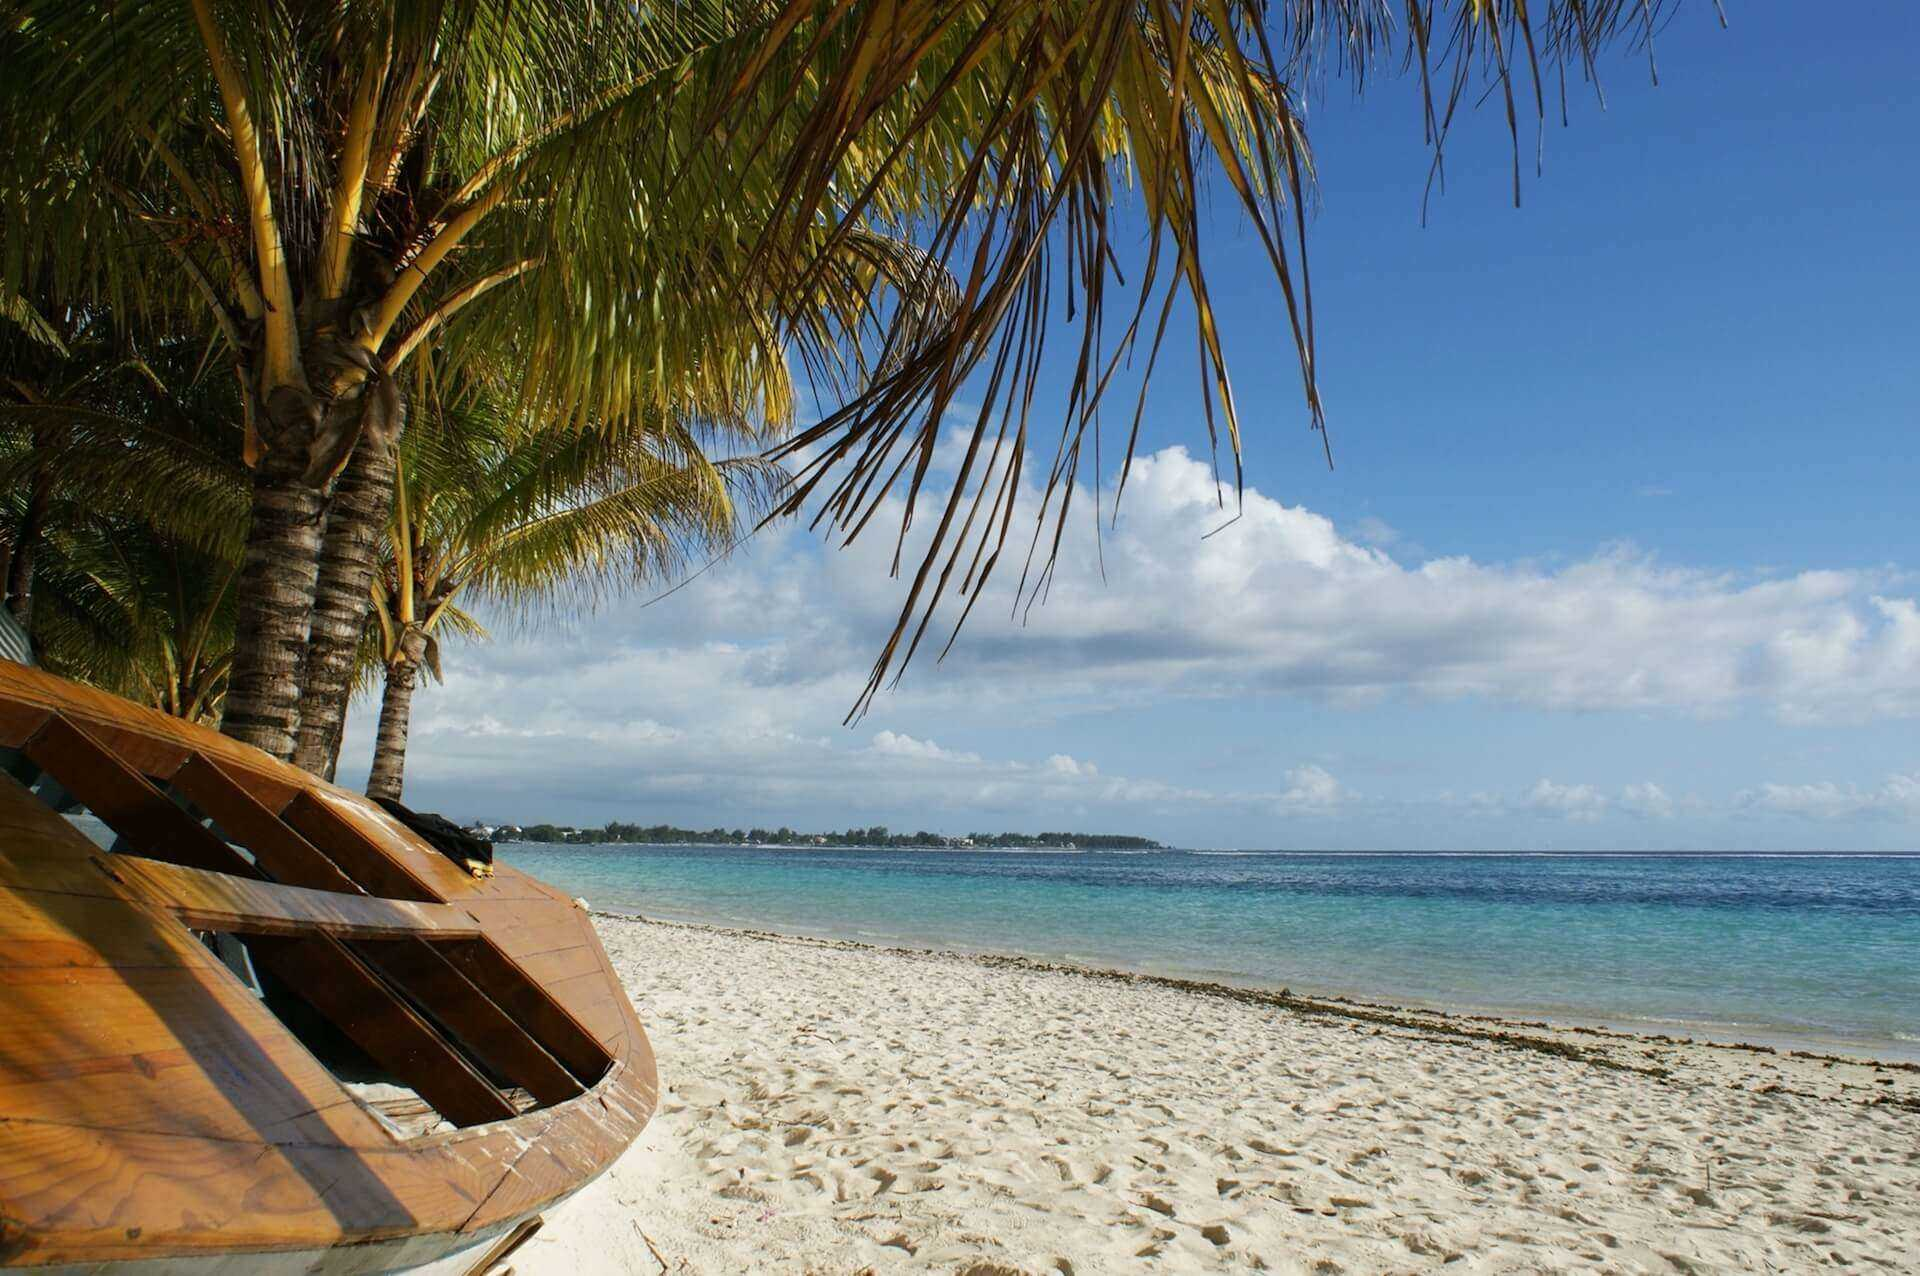 Direktflüge und Billigflüge nach Mauritius